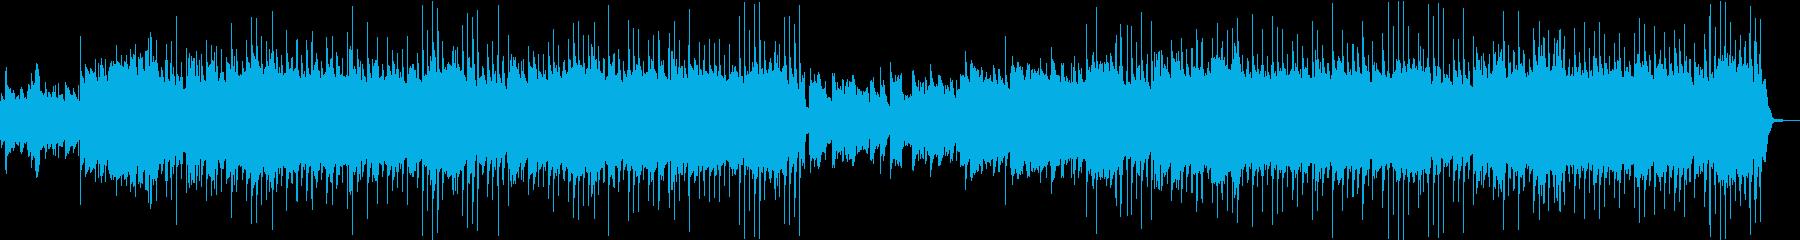 和楽器・口笛・ほのぼのした和風カントリーの再生済みの波形